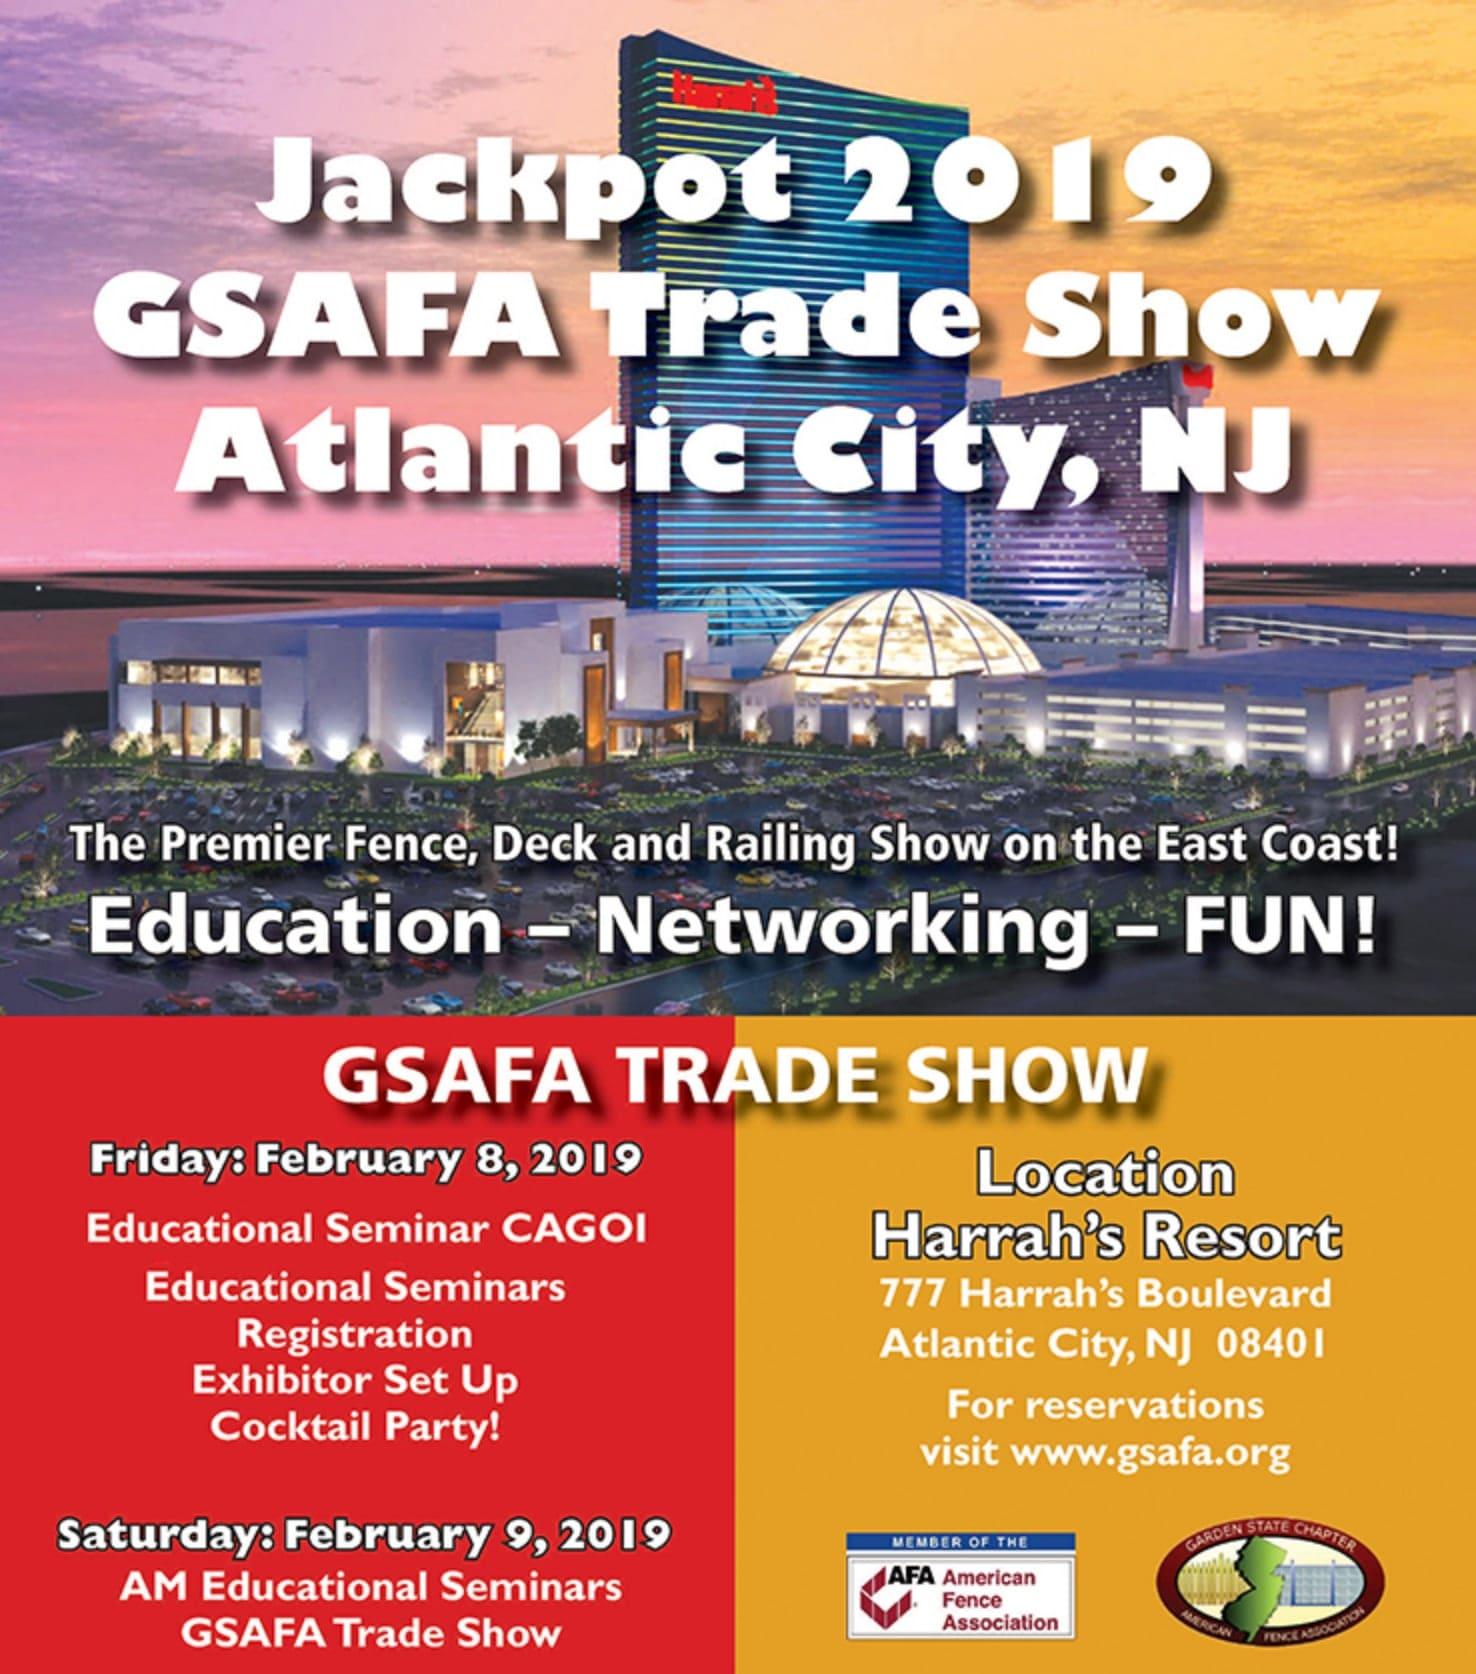 Invitation to the GSAFA Jackpot 2019 Trade Show